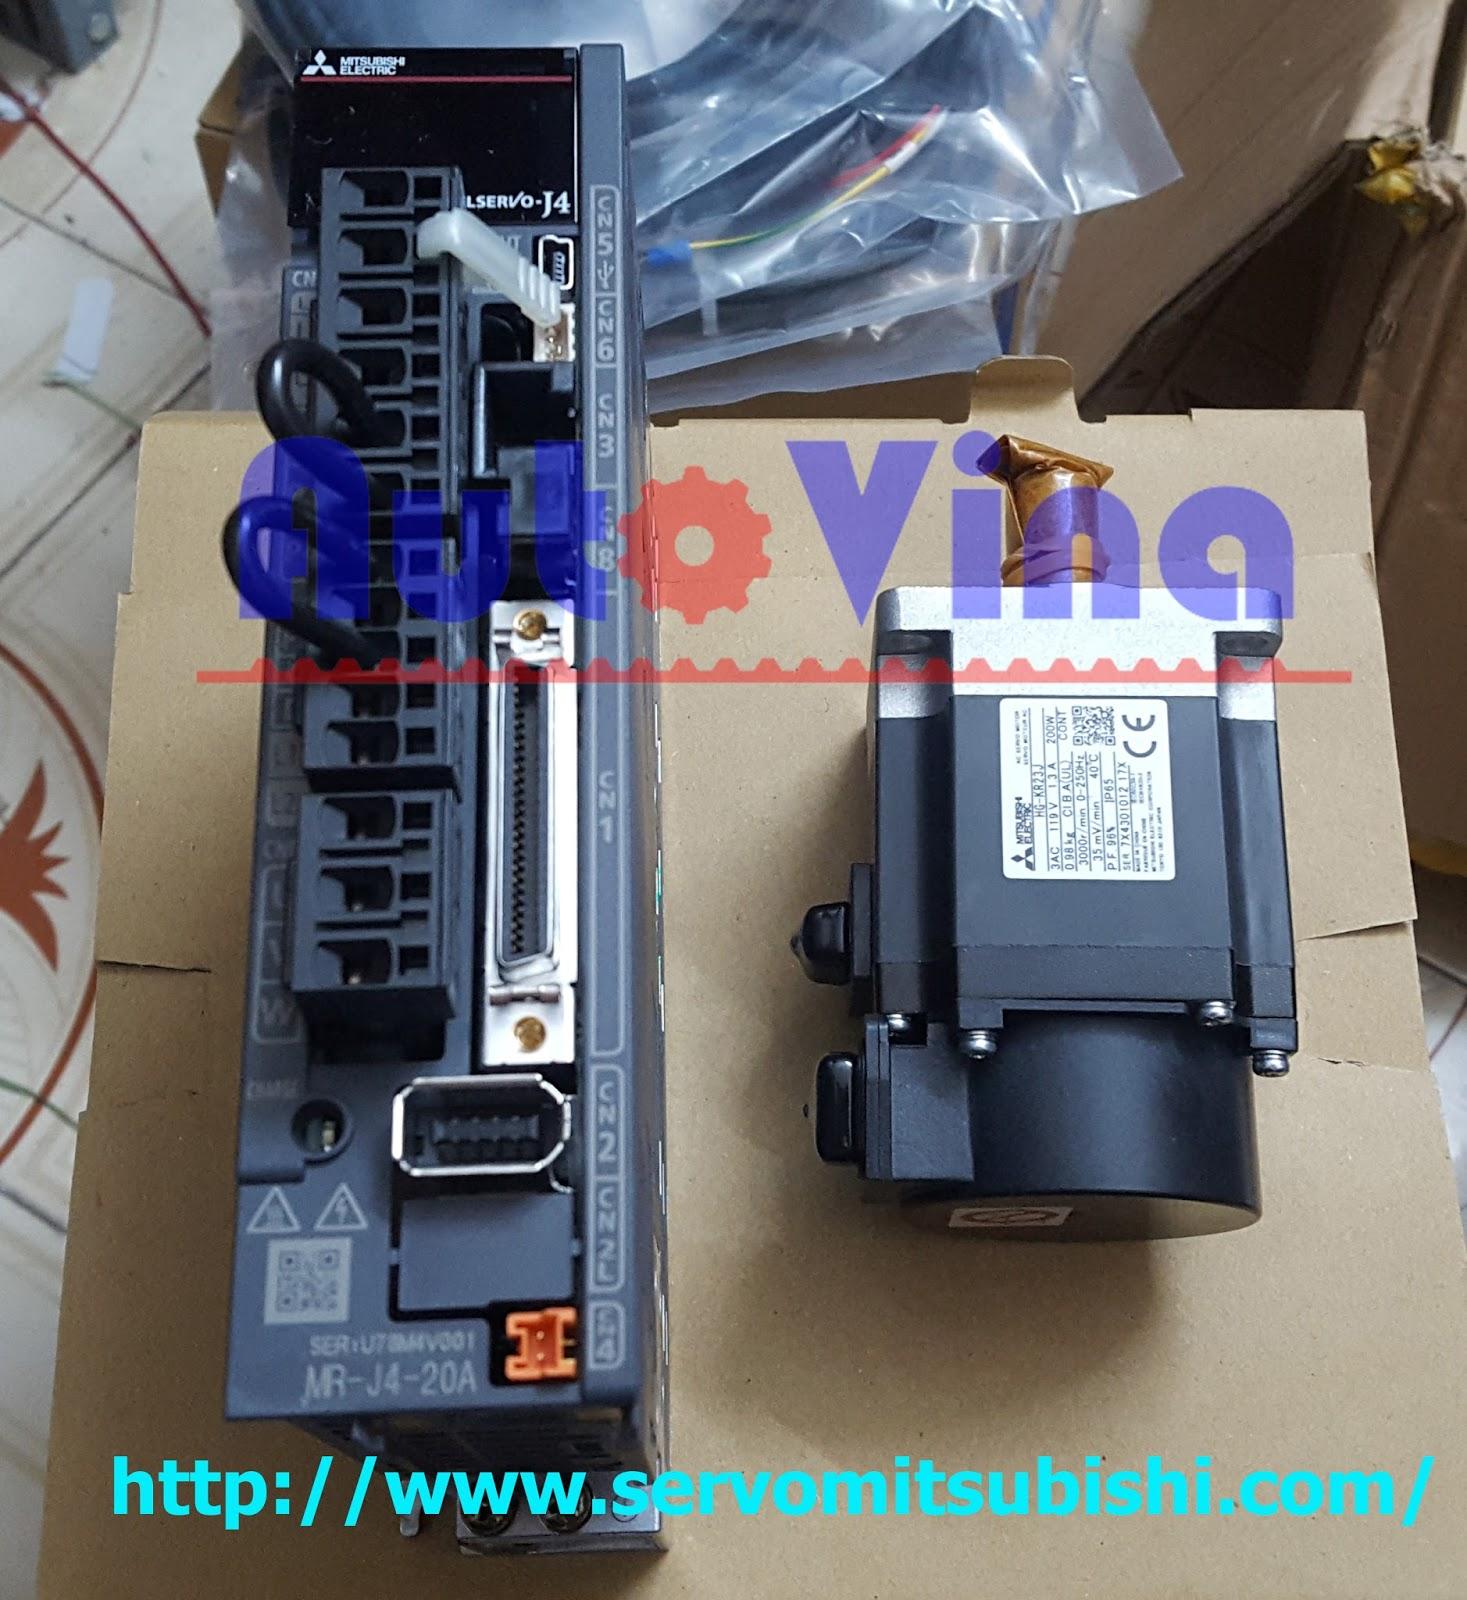 Đại lý bán bộ điều khiển Servo Amplifier Mitsubishi MR-J4-20A và động cơ HG-KR23J